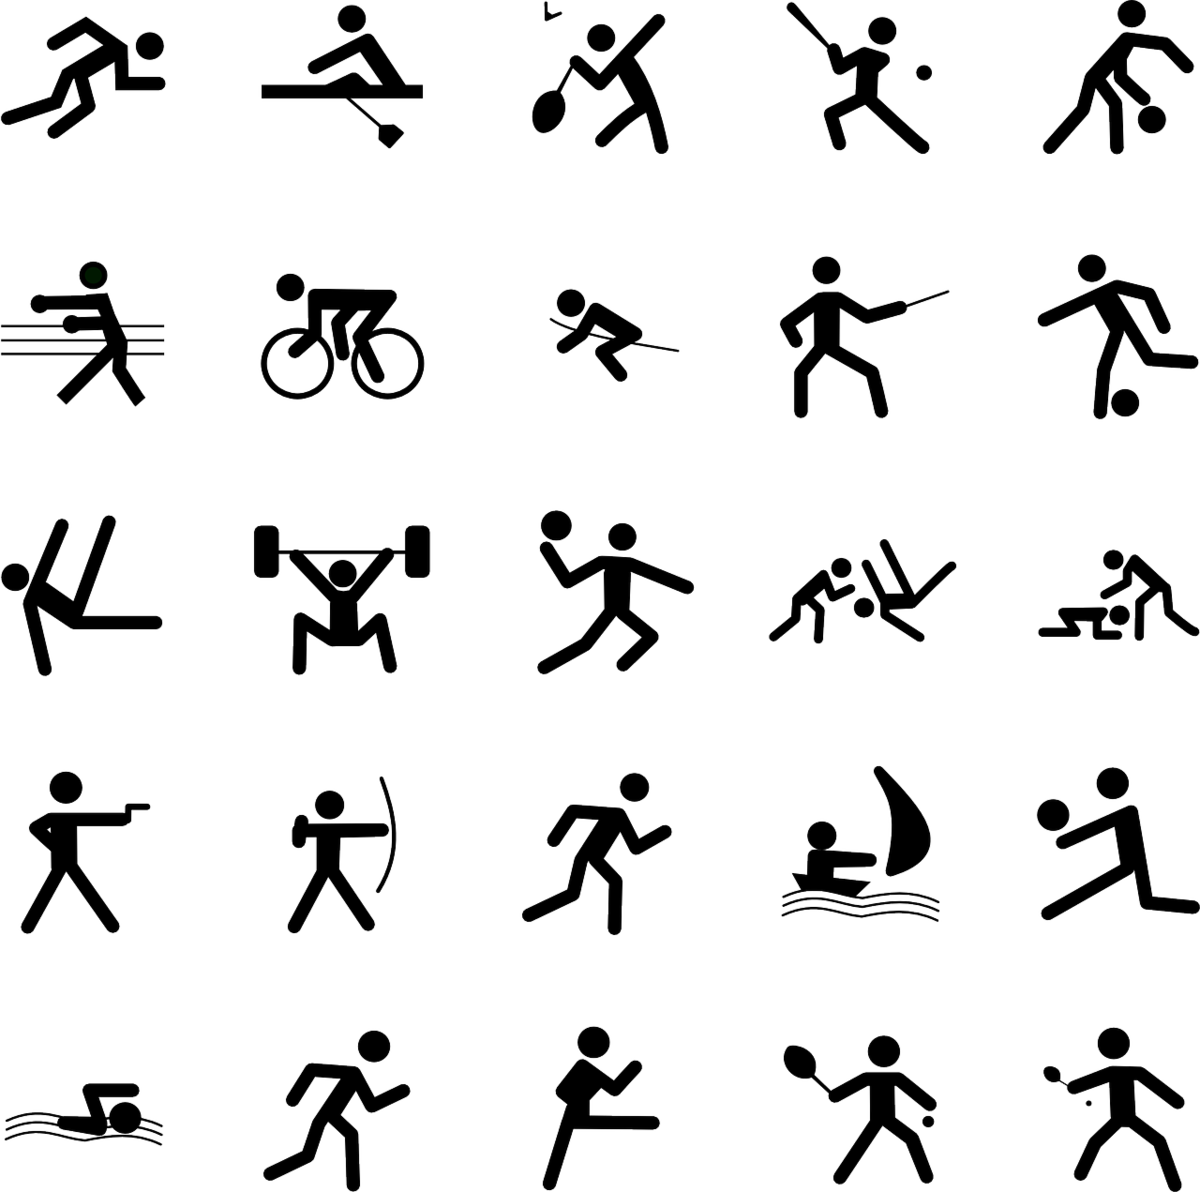 f:id:saewataru:20191117080933p:plain